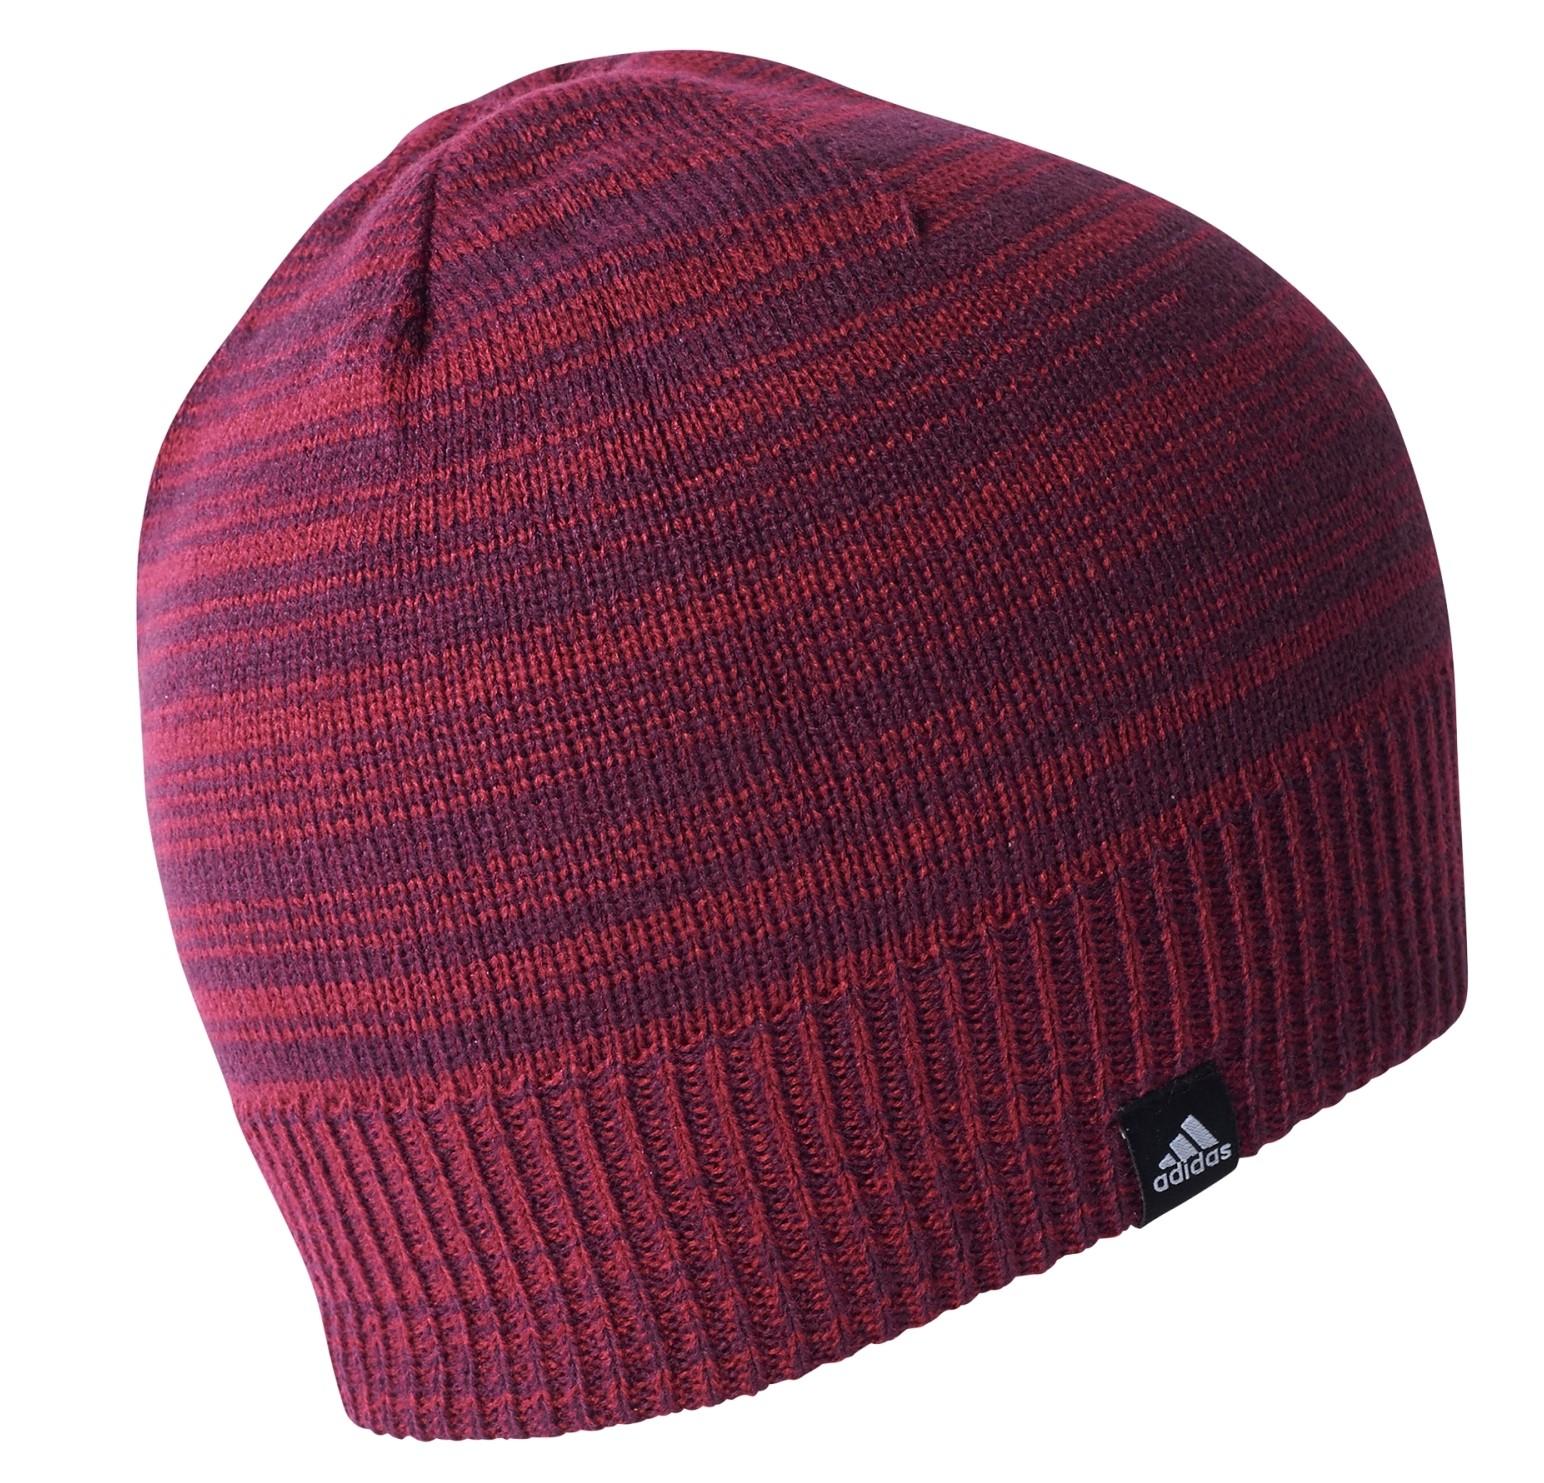 326fdecd351 ... Dámská čepice adidas W CL BEANIE REV červená. Sleva